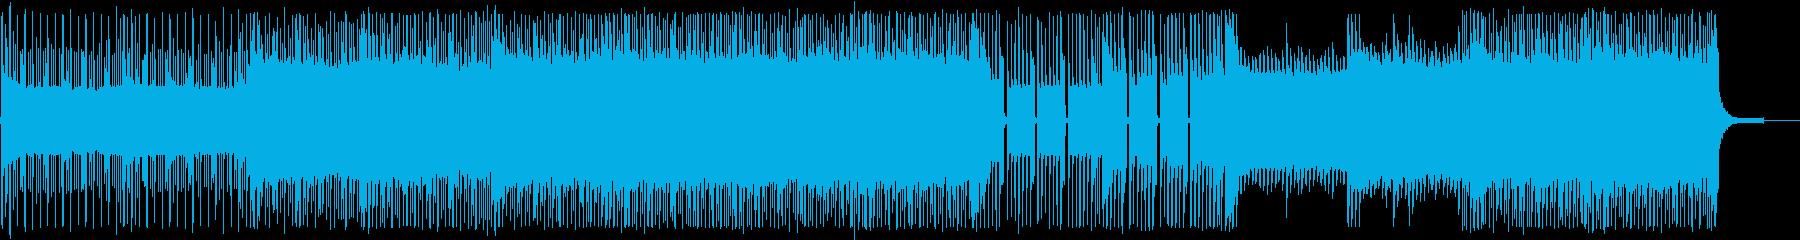 懐かしさを感じるゲーム用チップチューンの再生済みの波形